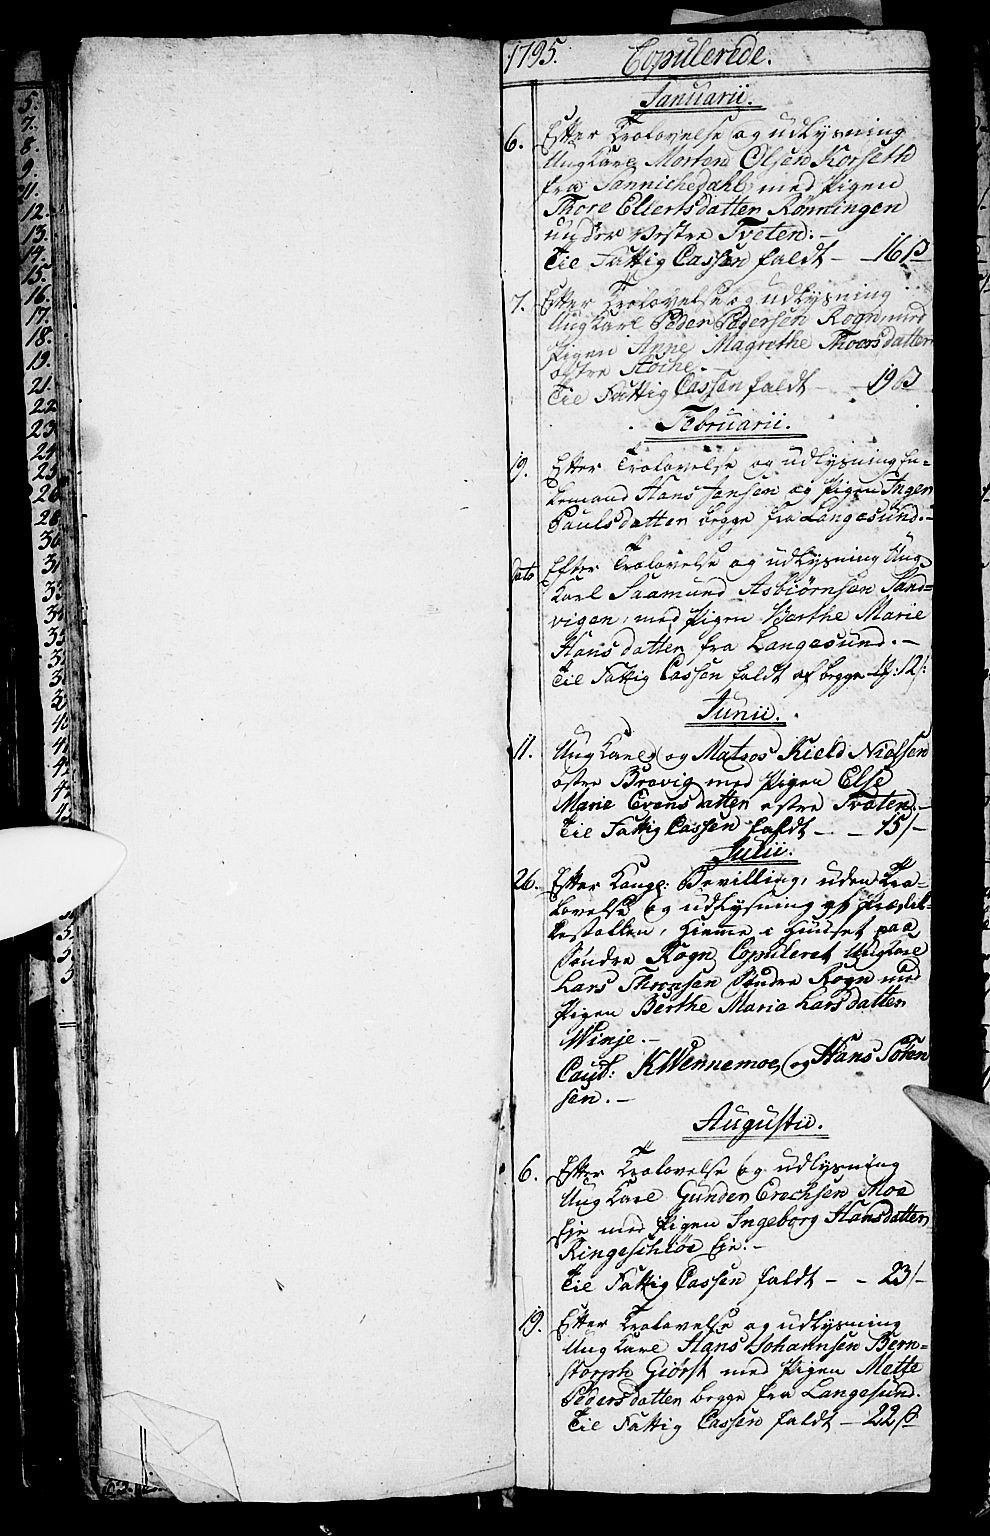 SAKO, Bamble kirkebøker, G/Ga/L0002: Klokkerbok nr. I 2, 1794-1800